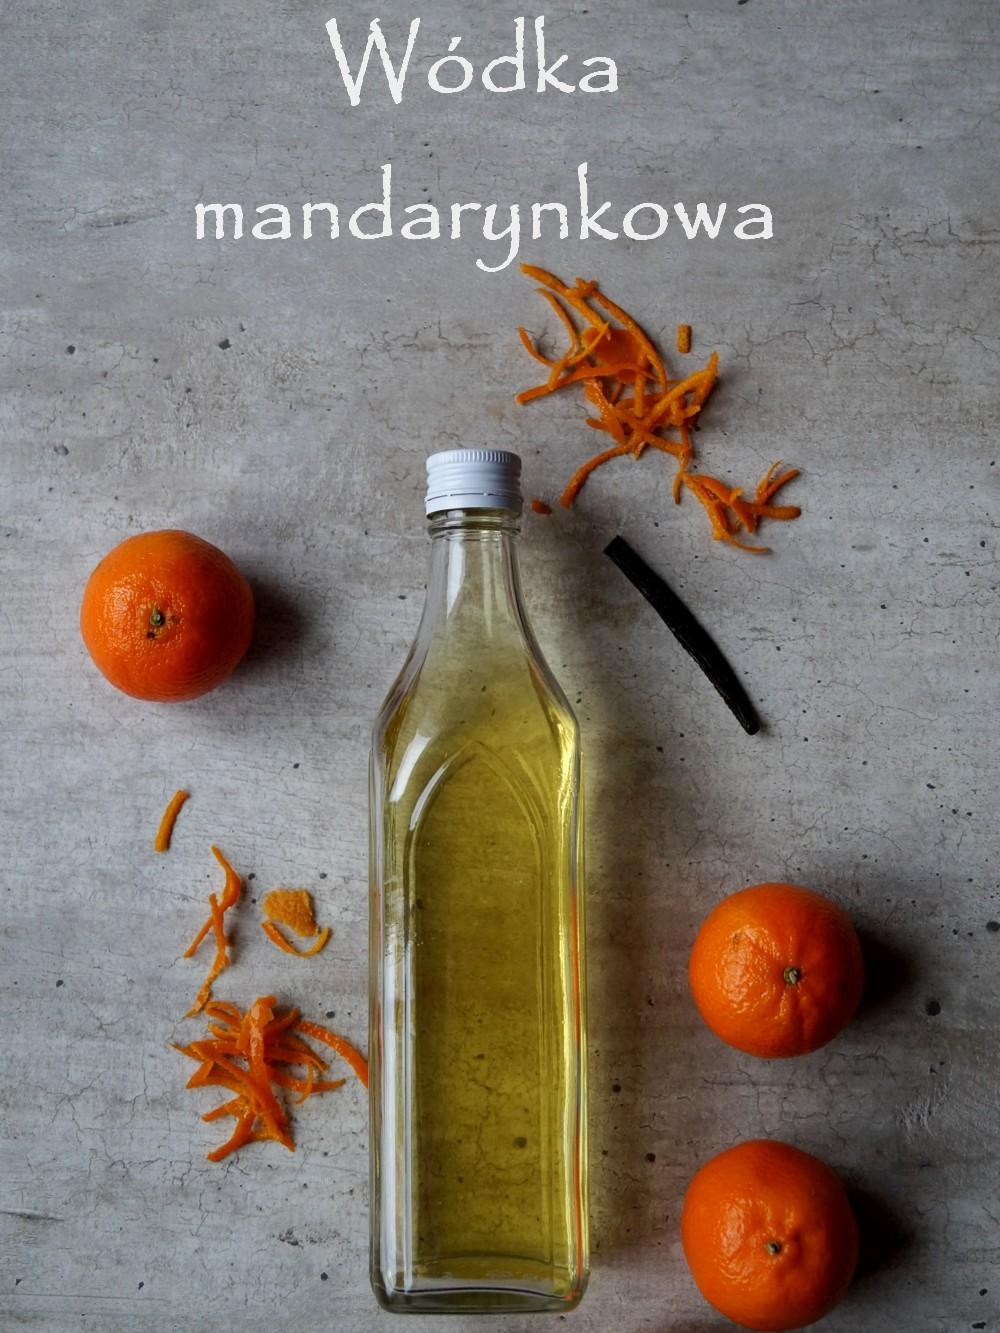 Wódka mandarynkowa – łatwy przepis